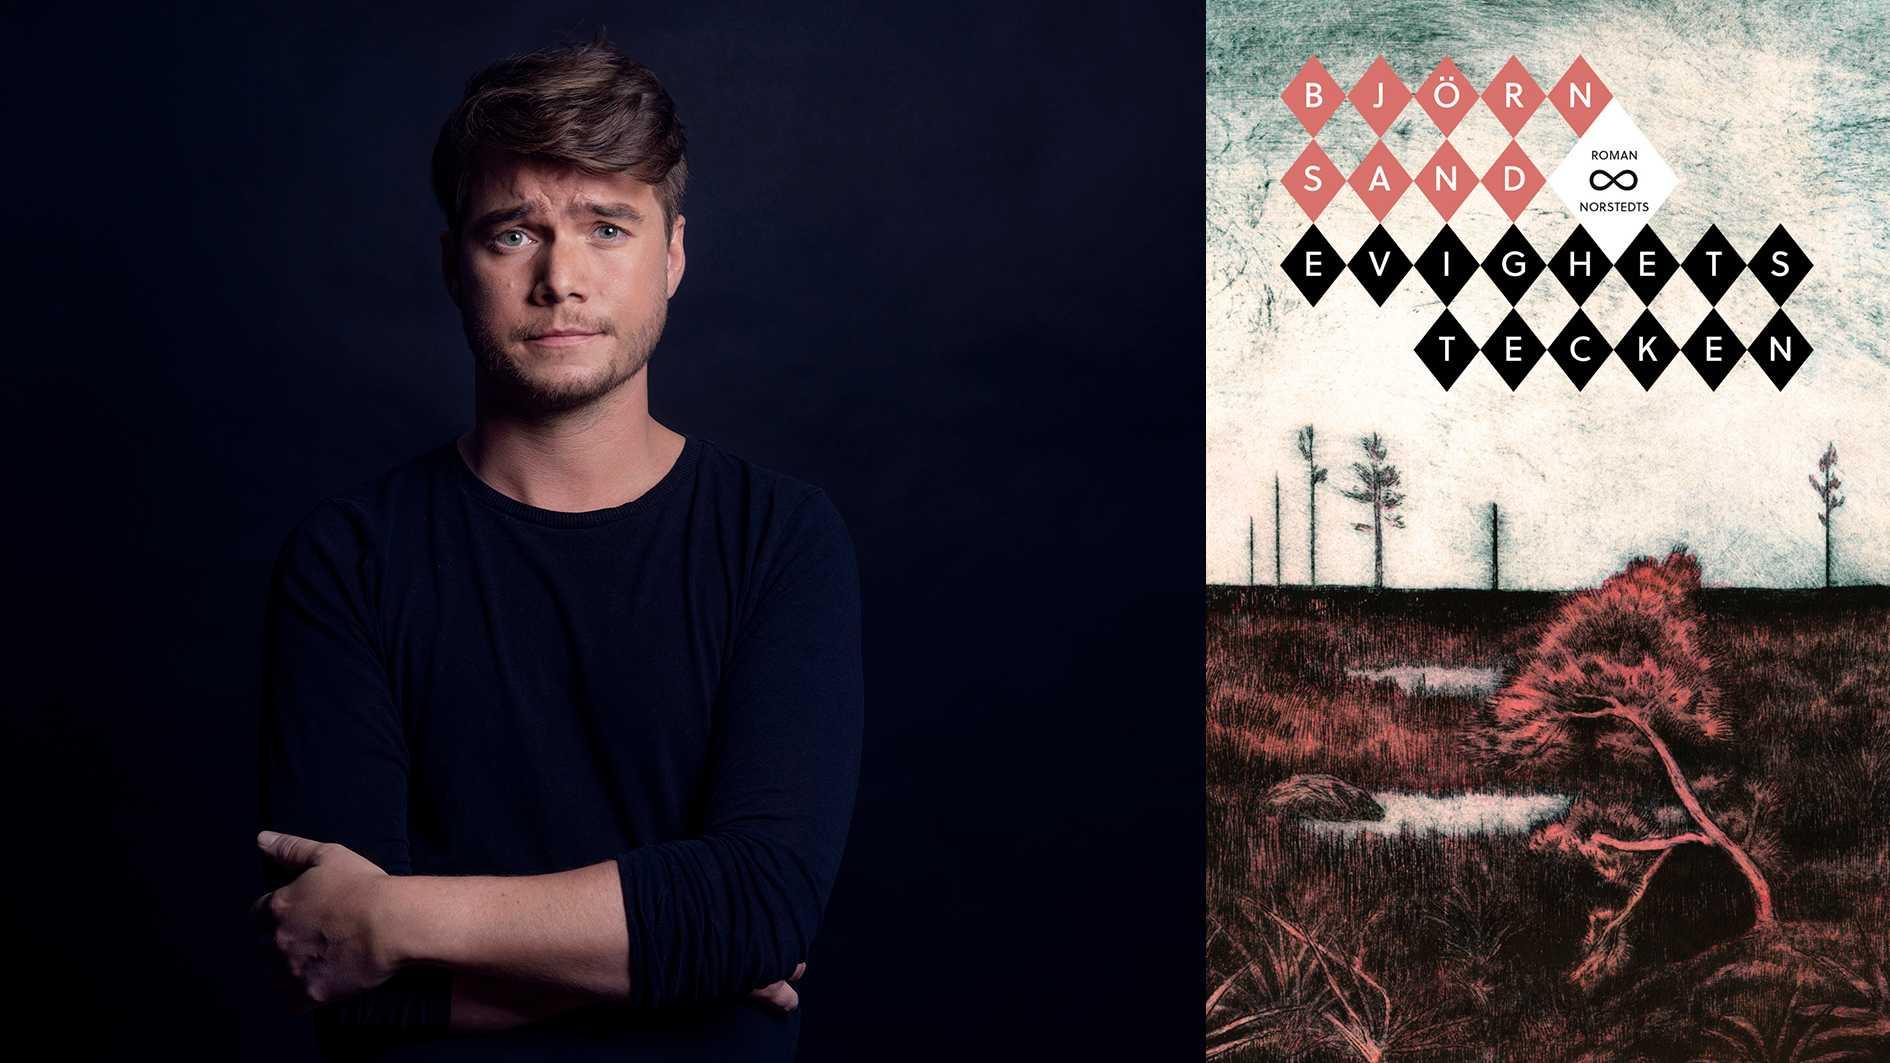 """Björn Sand (född 1989) debuterar med romanen """"Evighetstecken""""."""